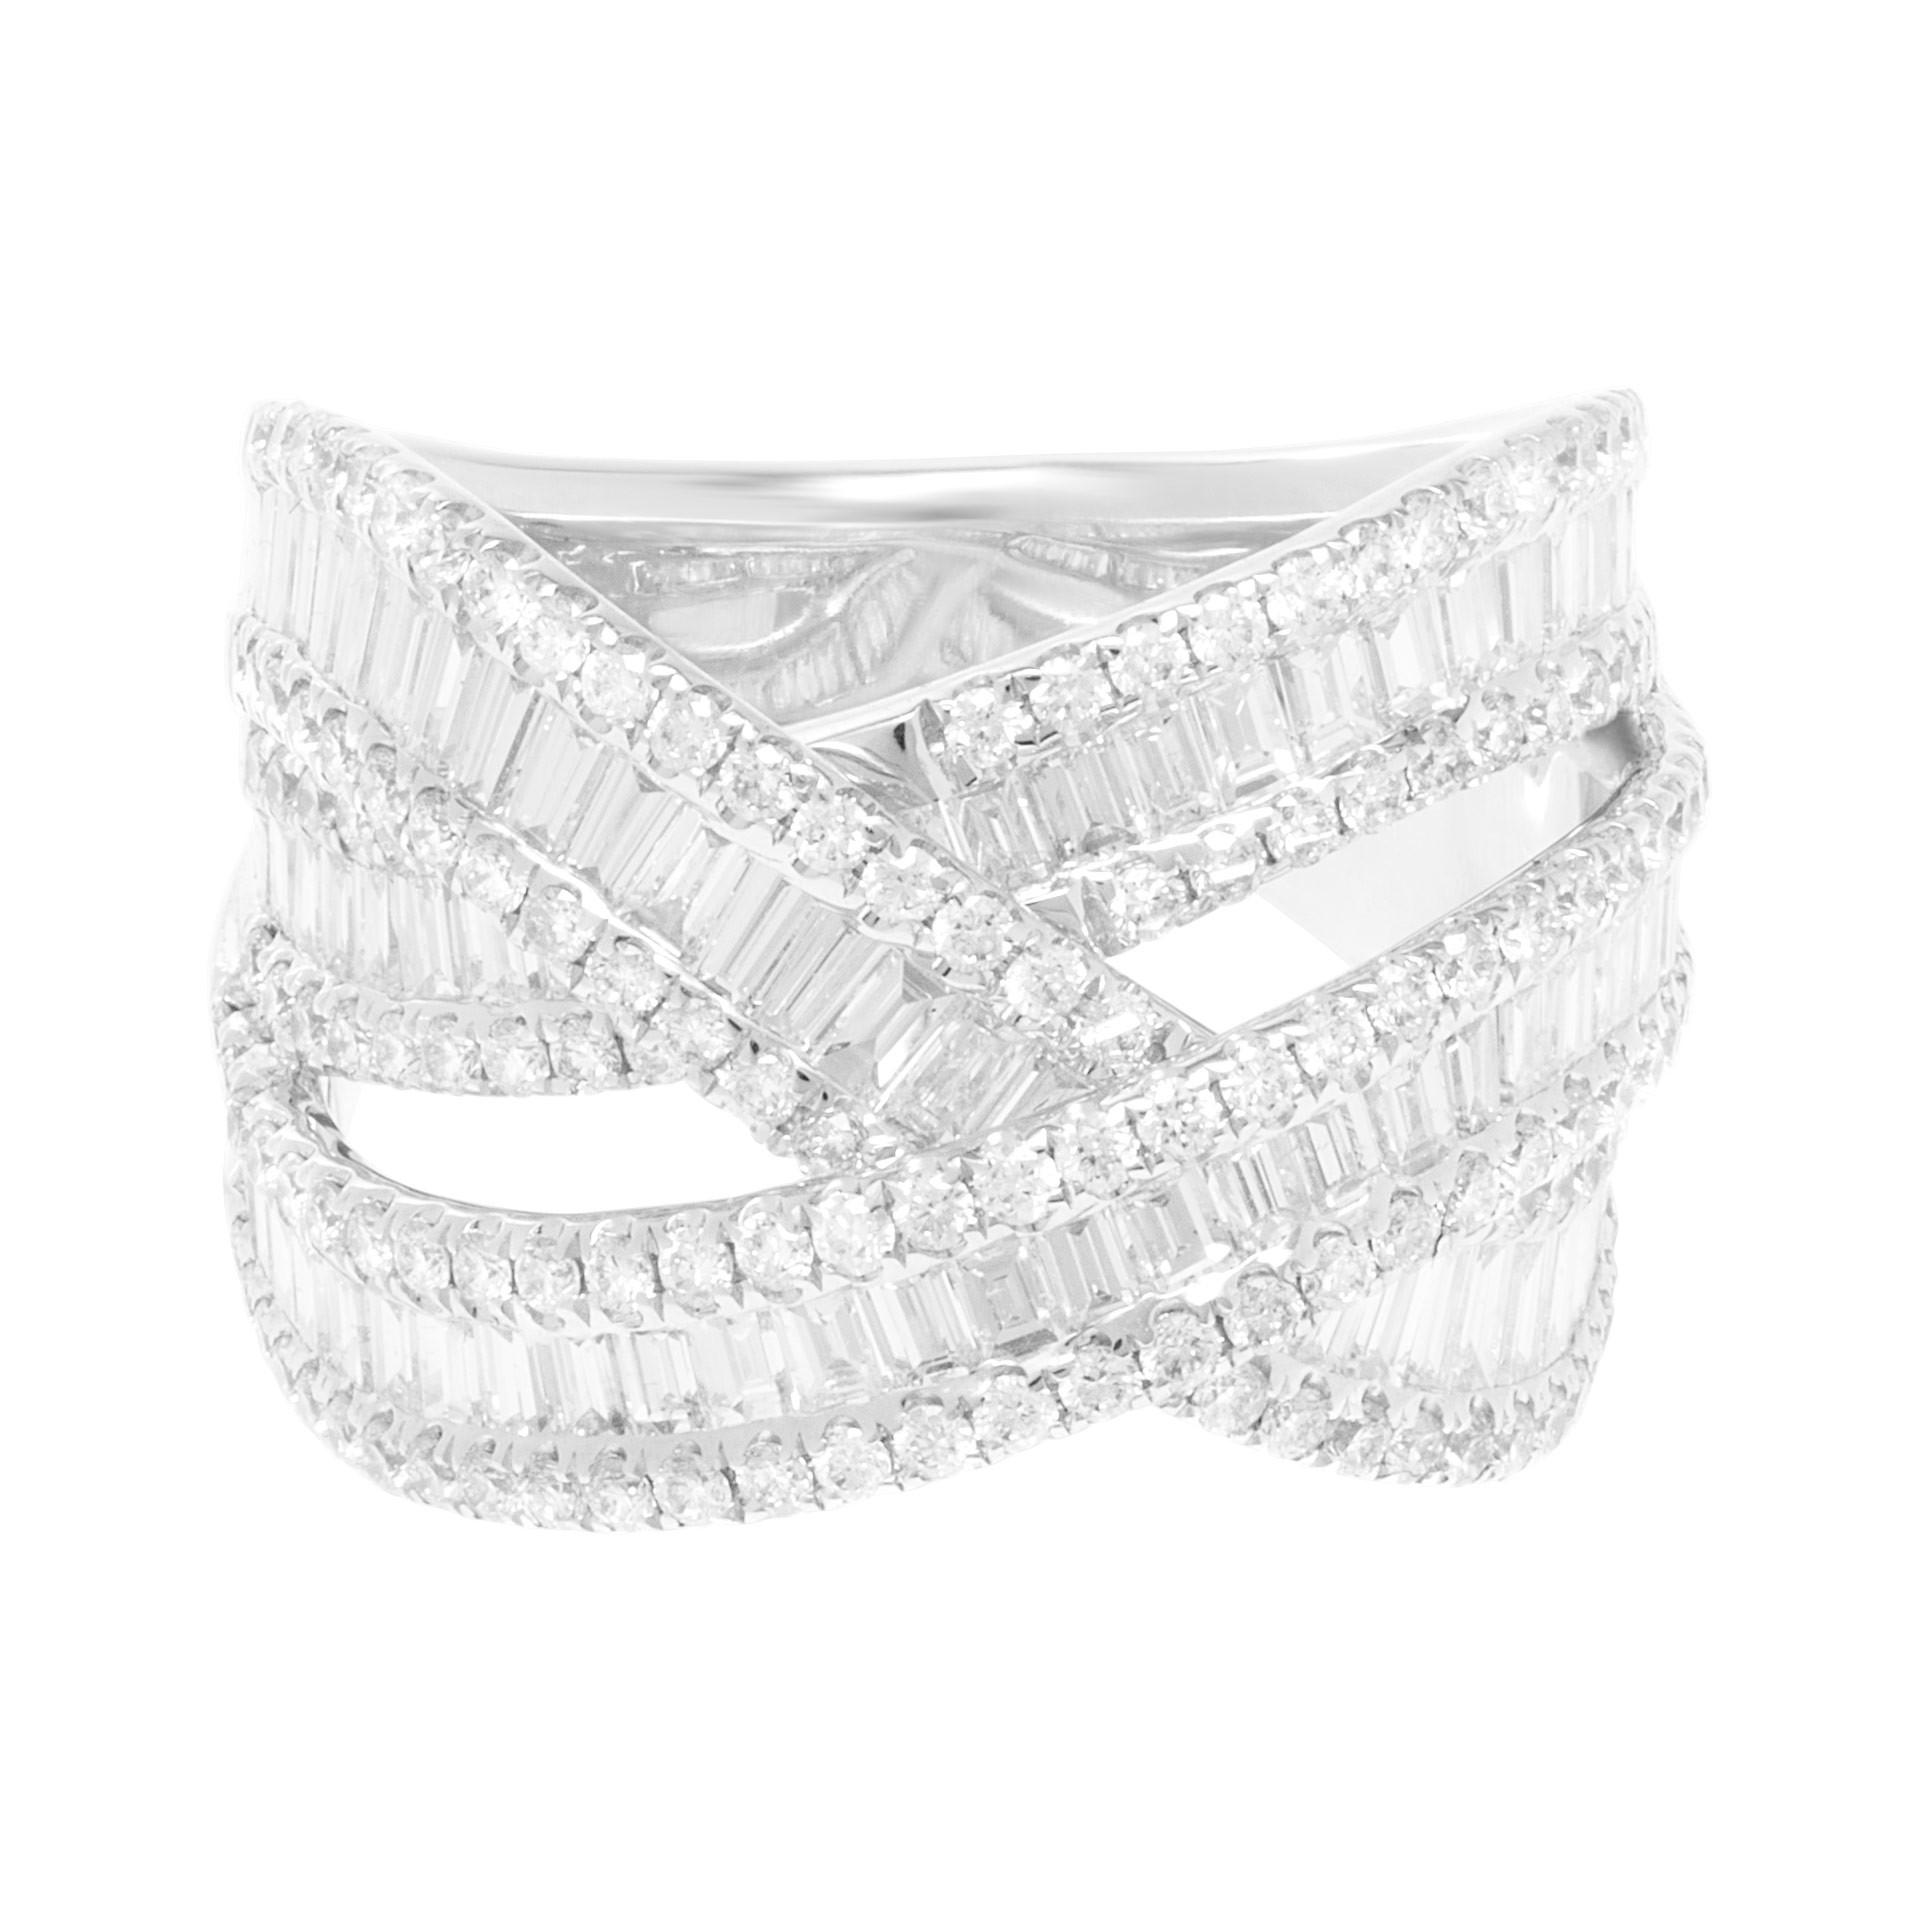 April Birthstone Diamond jewelry: Braided Diamond Ribbons Ring